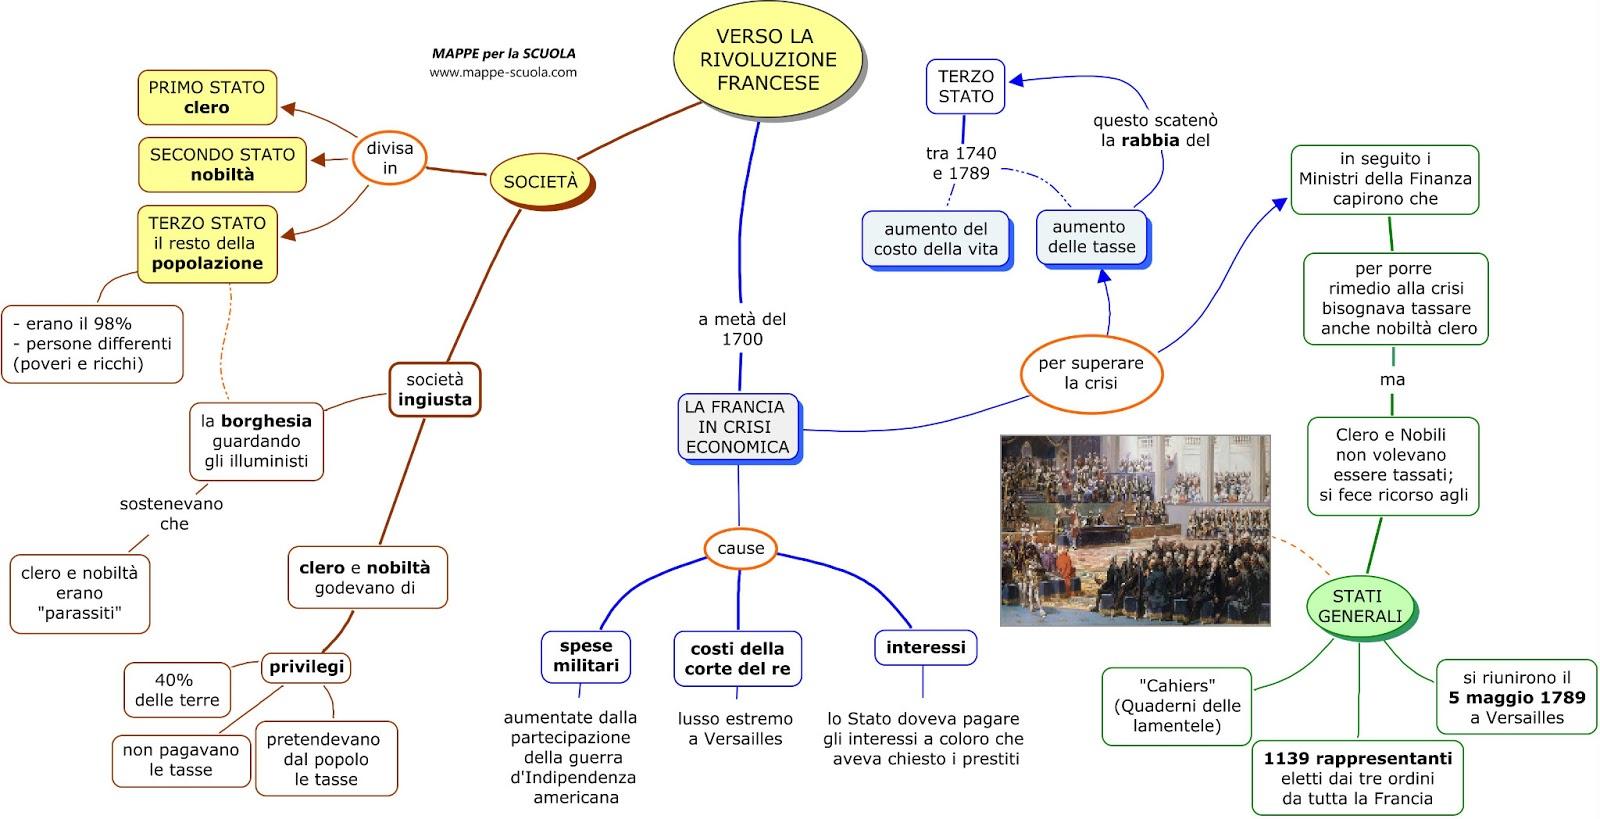 Mappa concettuale rivoluzione francese 1 mappa concettuale for Piani storici per la seconda casa dell impero